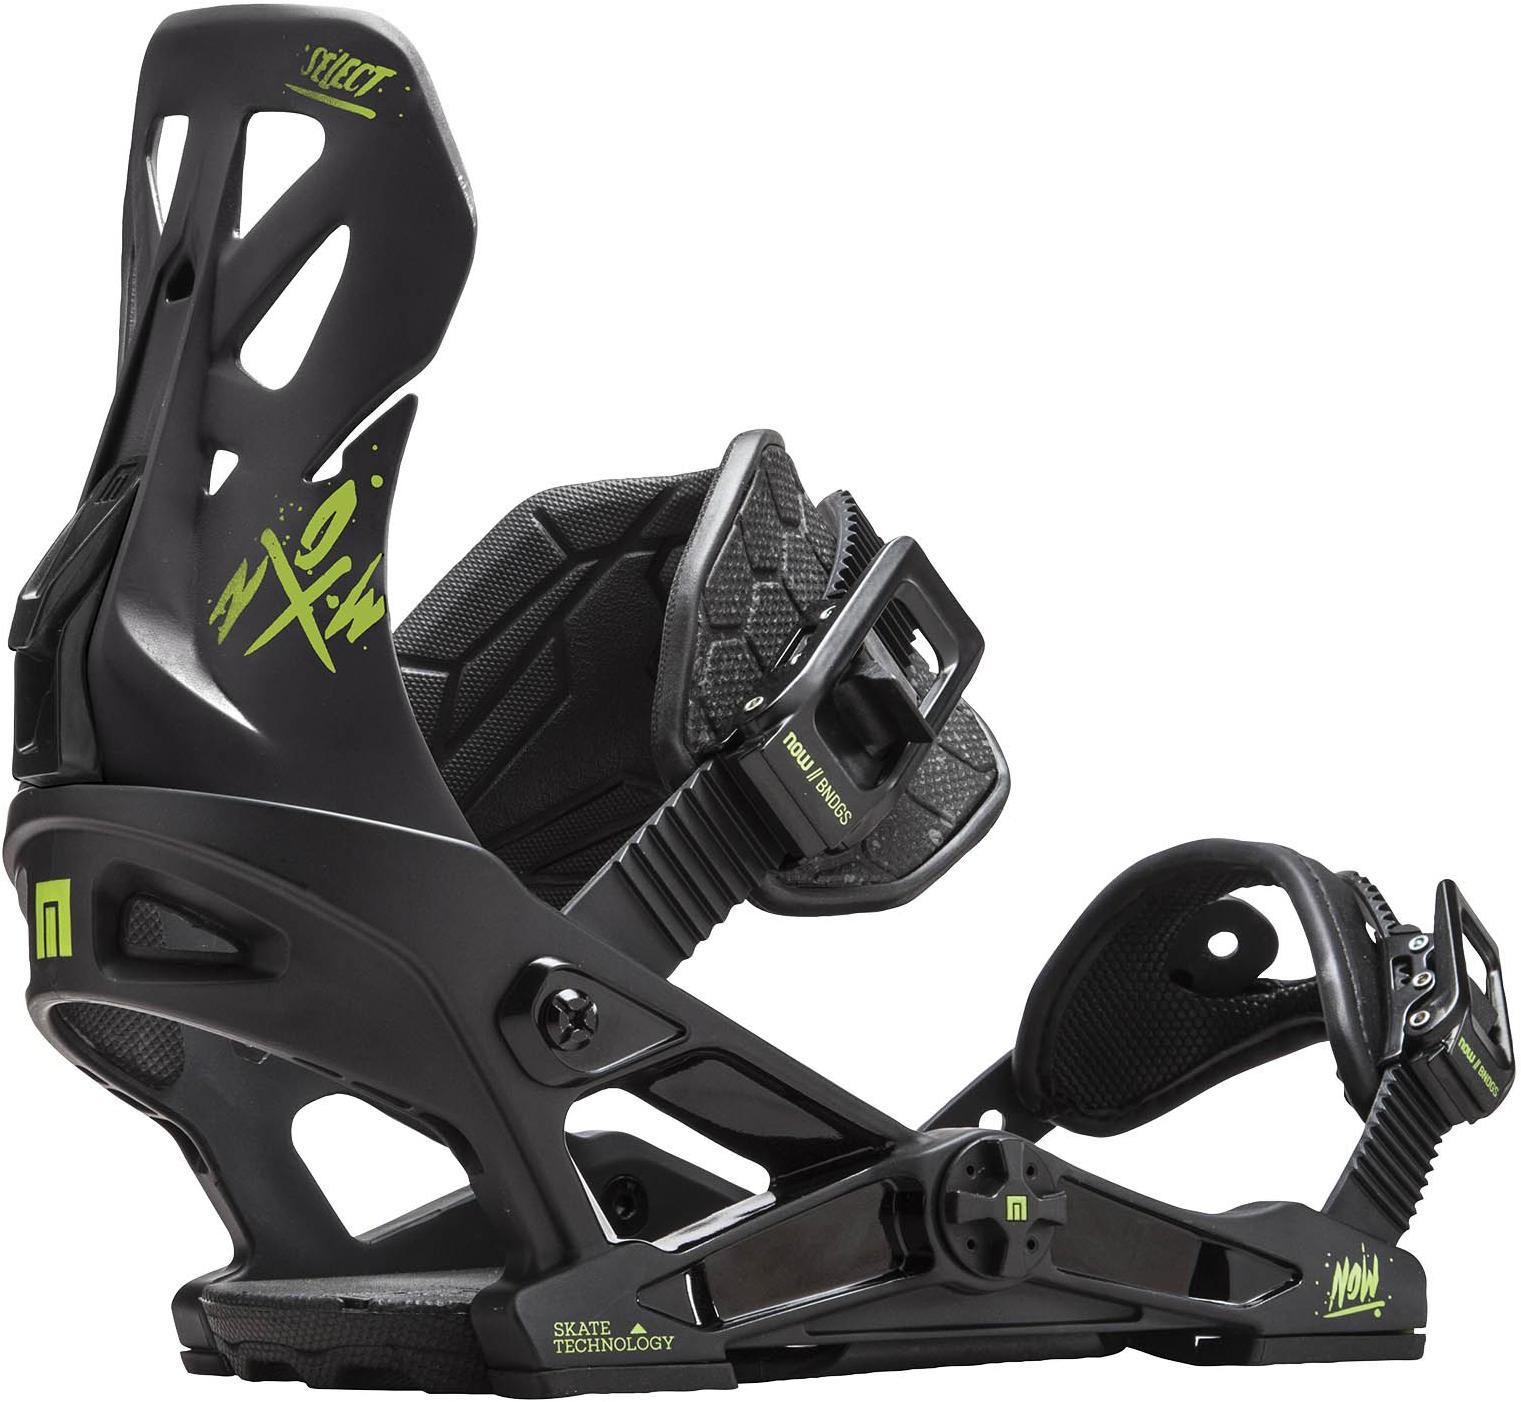 Крепления для сноуборда NOW Select, 7640178032972, черный, размер L